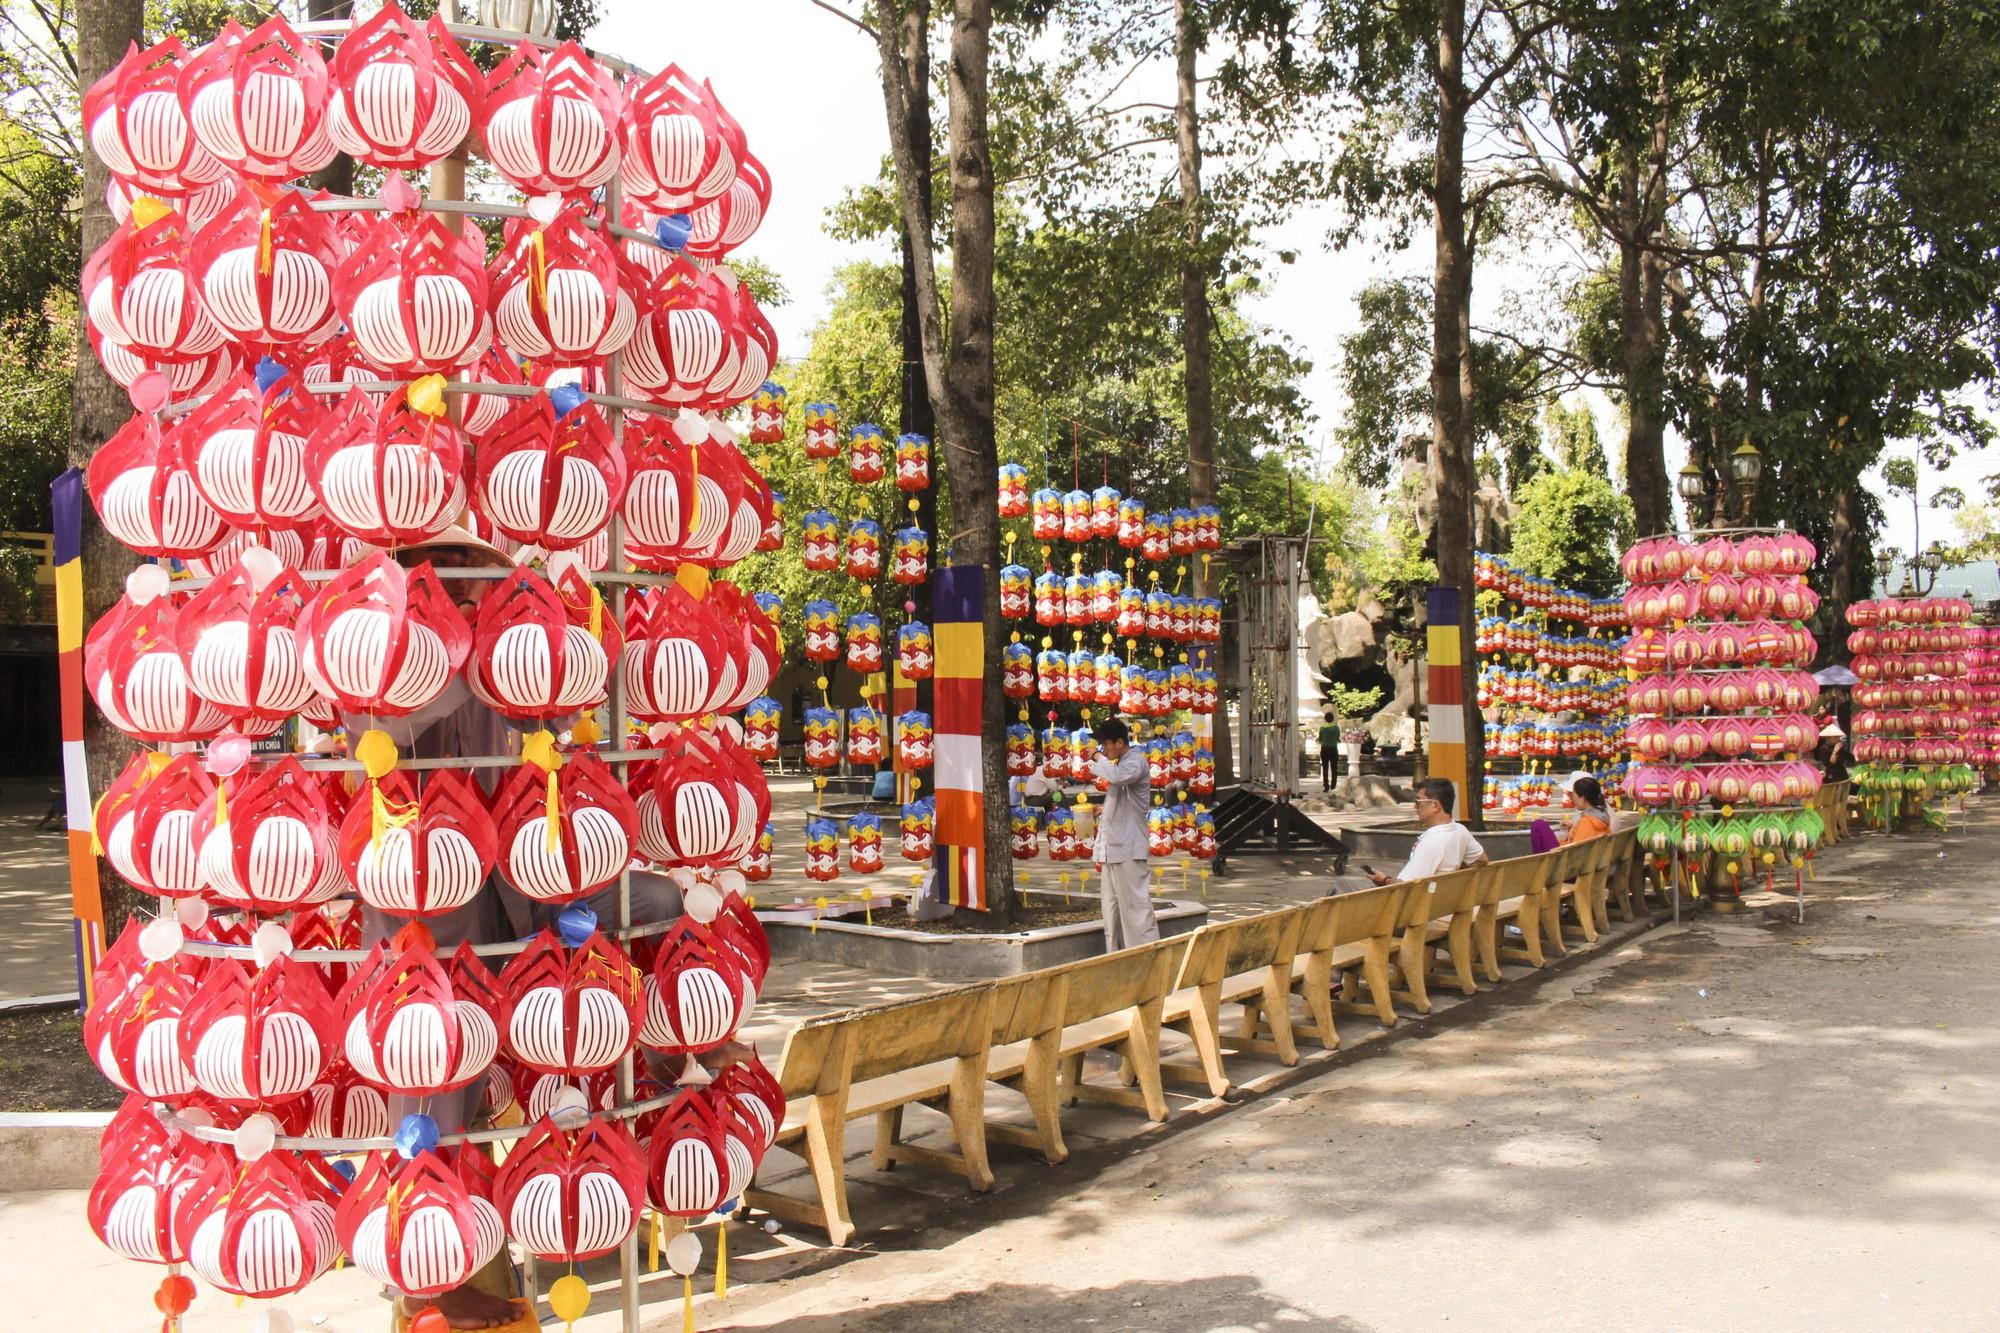 Thăm ngôi chùa lớn nhất TP HCM trước ngày lễ Phật Đản - Ảnh 4.